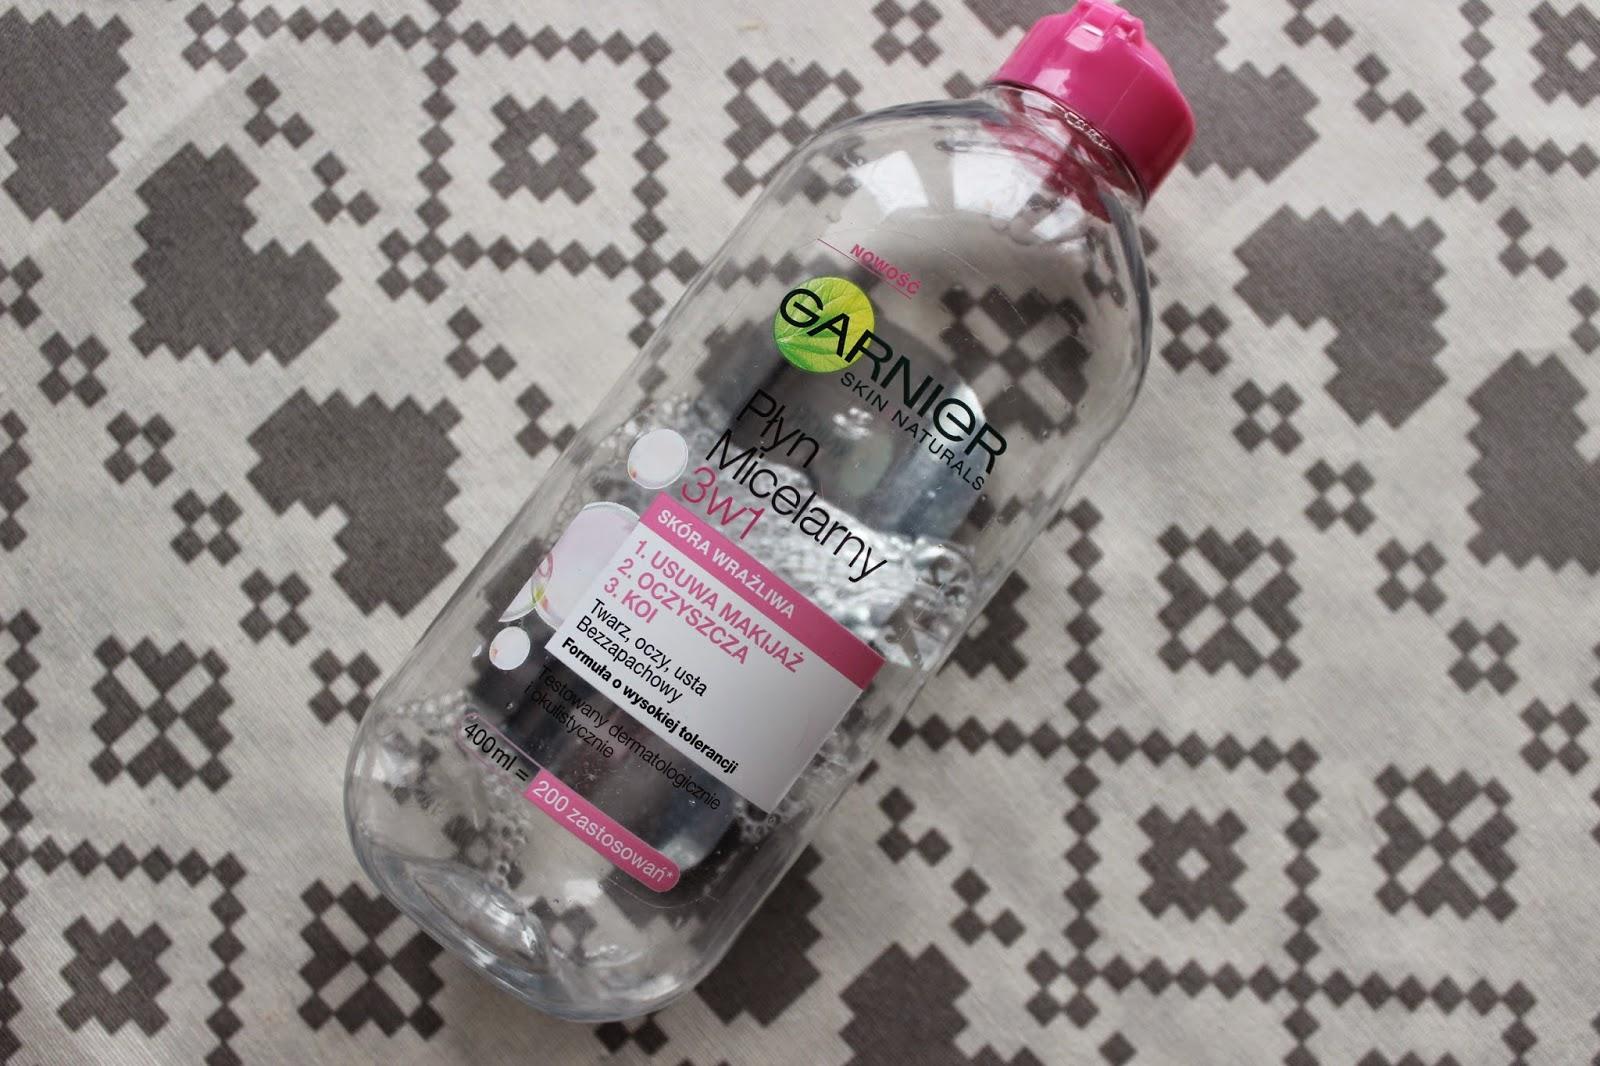 garnier różowy płyn micelarny do skóry wrażliwej opinia recenzja skóra trądzikowa 4